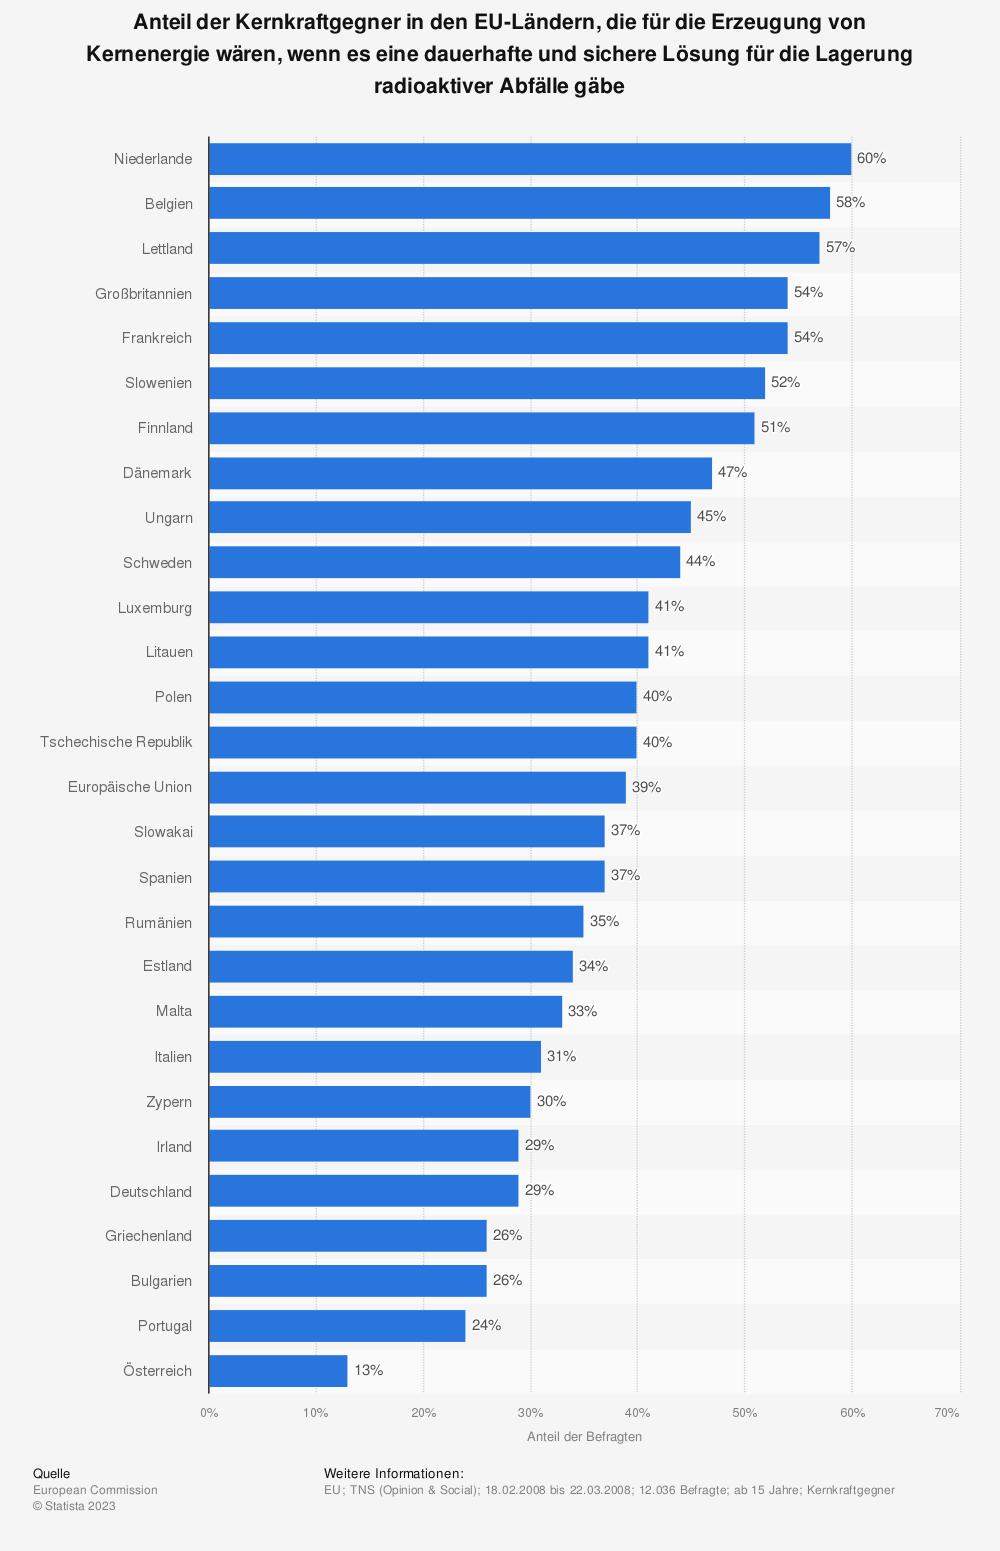 Statistik: Anteil der Kernkraftgegner in den EU-Ländern, die für die Erzeugung von Kernenergie wären, wenn es eine dauerhafte und sichere Lösung für die Lagerung radioaktiver Abfälle gäbe | Statista